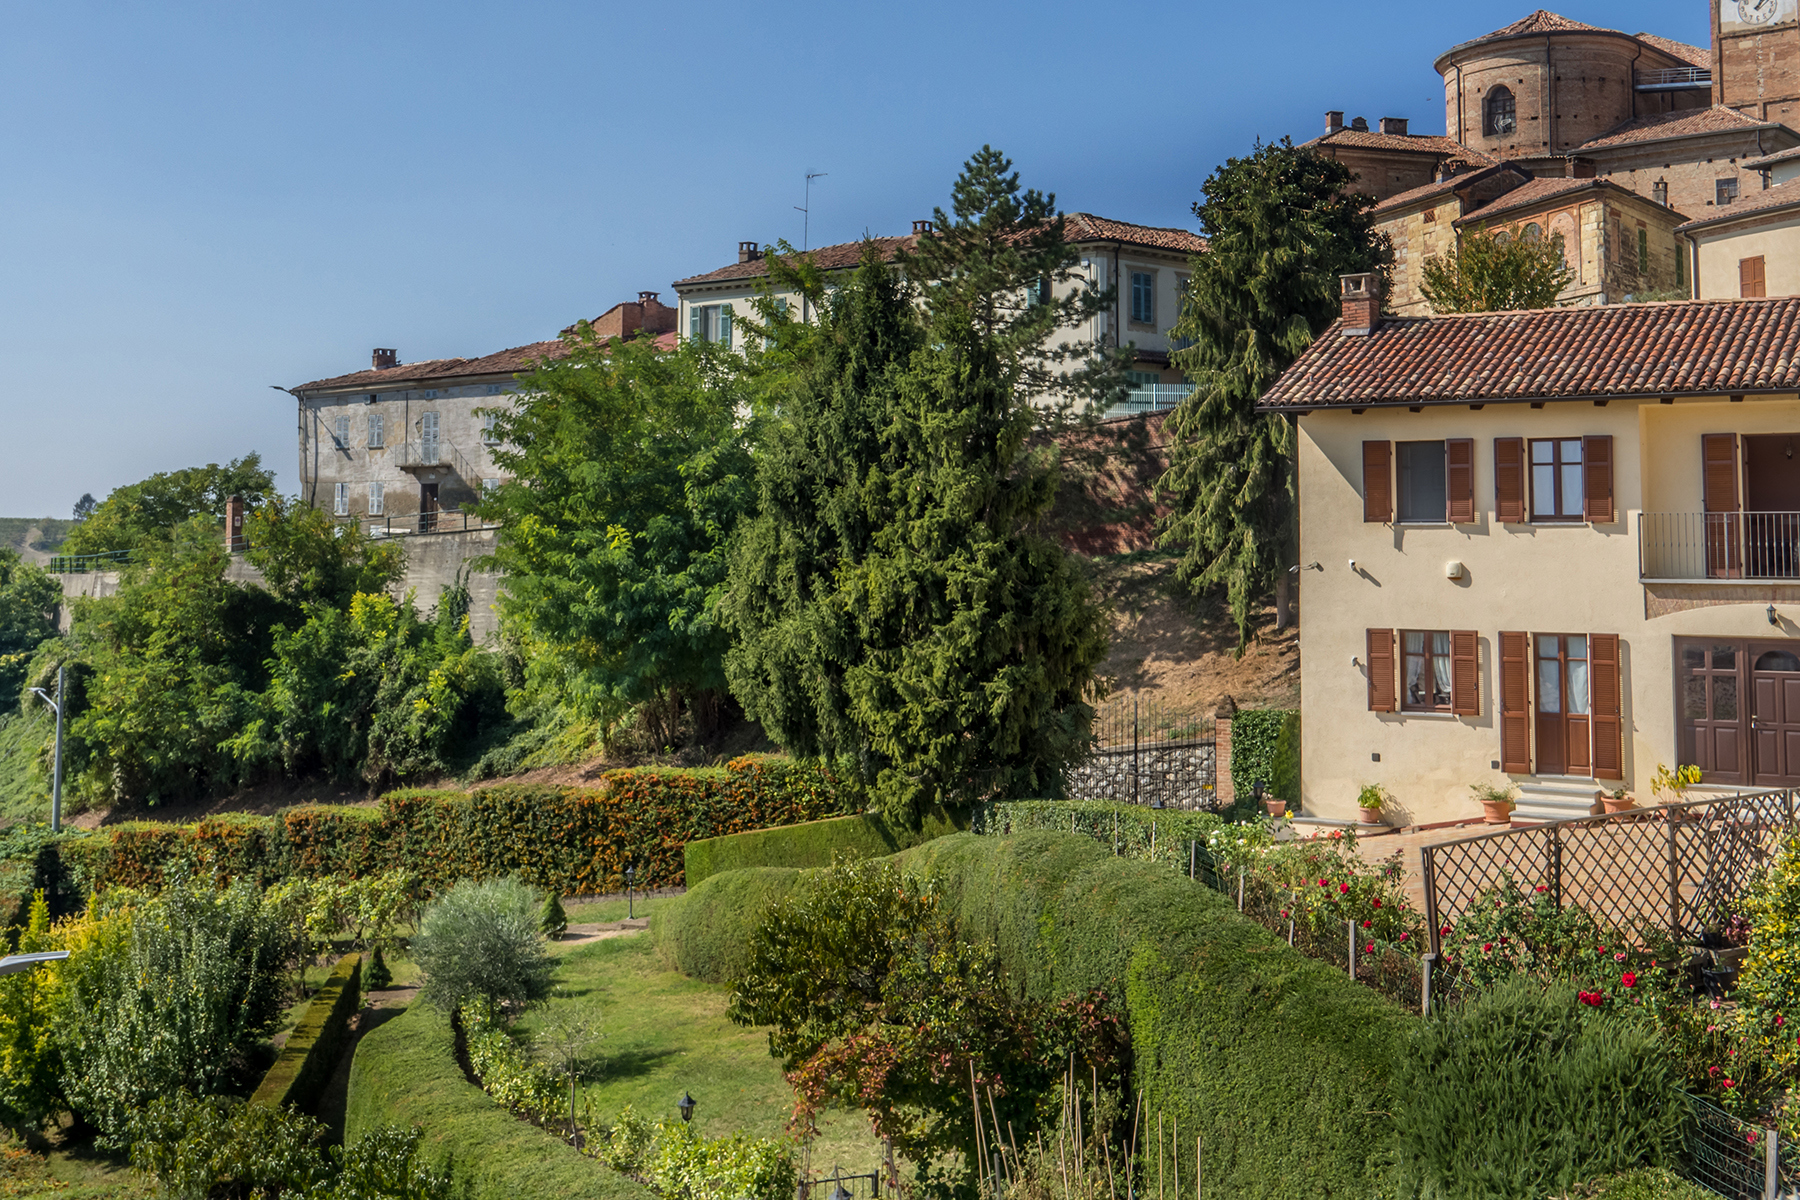 Rustico in Vendita a Casorzo: 5 locali, 1350 mq - Foto 19